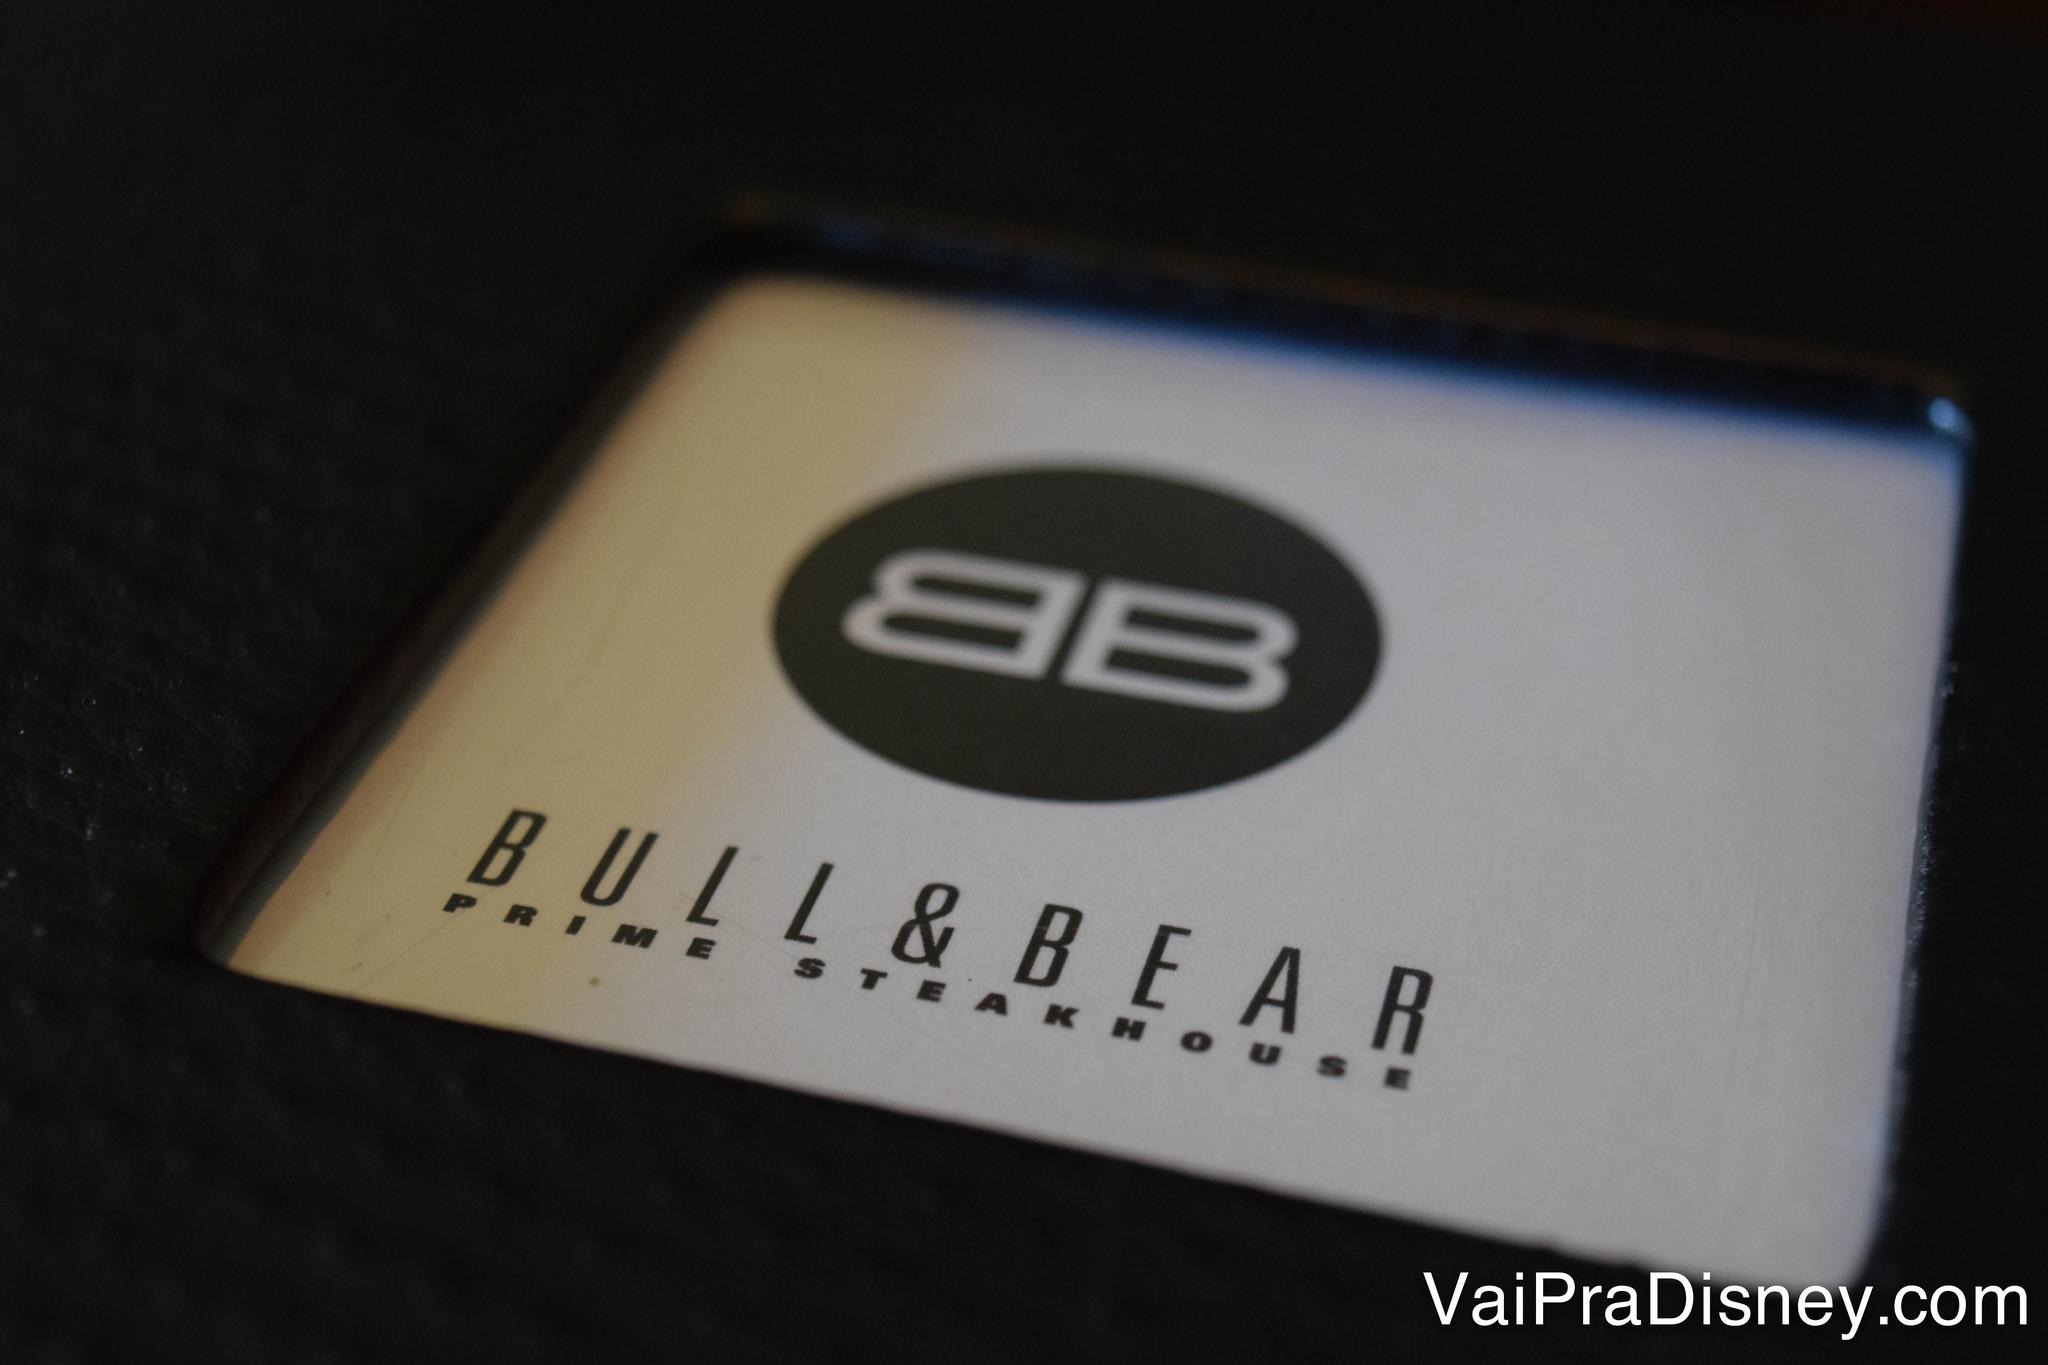 Capa do cardápio com dois Bs espelhados, na steakhouse Bull & Bear no Waldorf Astoria Orlando